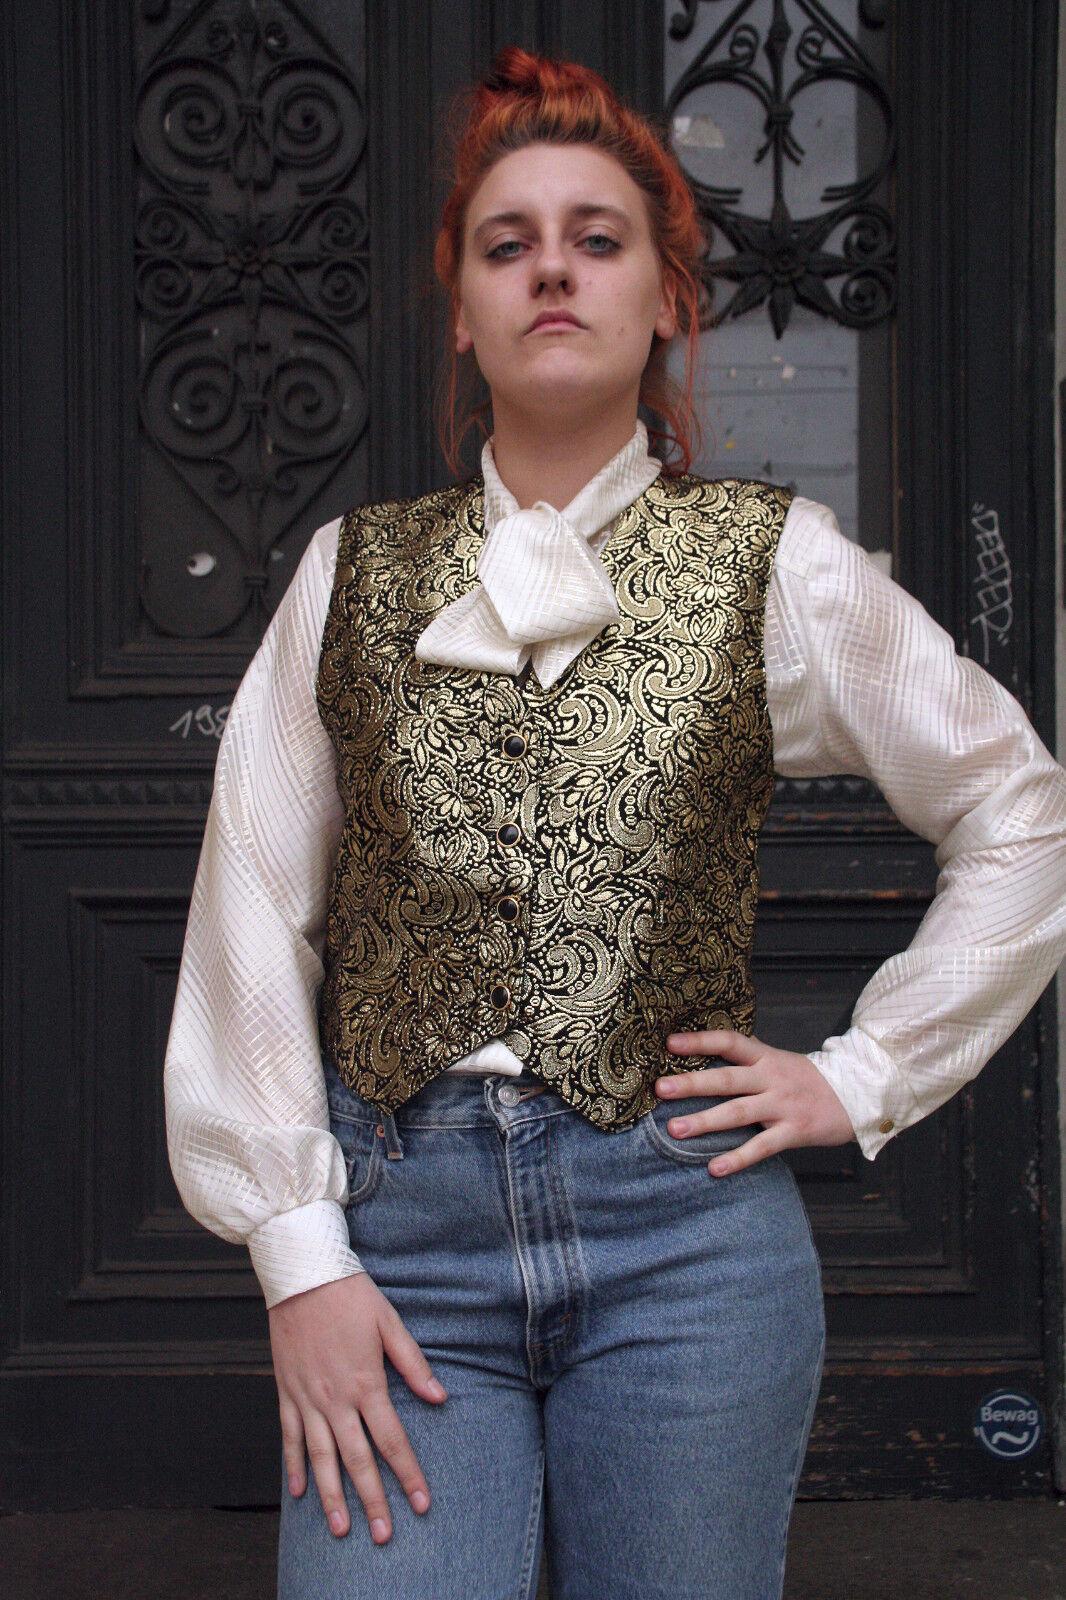 Damen Schluppen Blause weiß Gold 90er True VINTAGE damen blouse Weiß with Gold